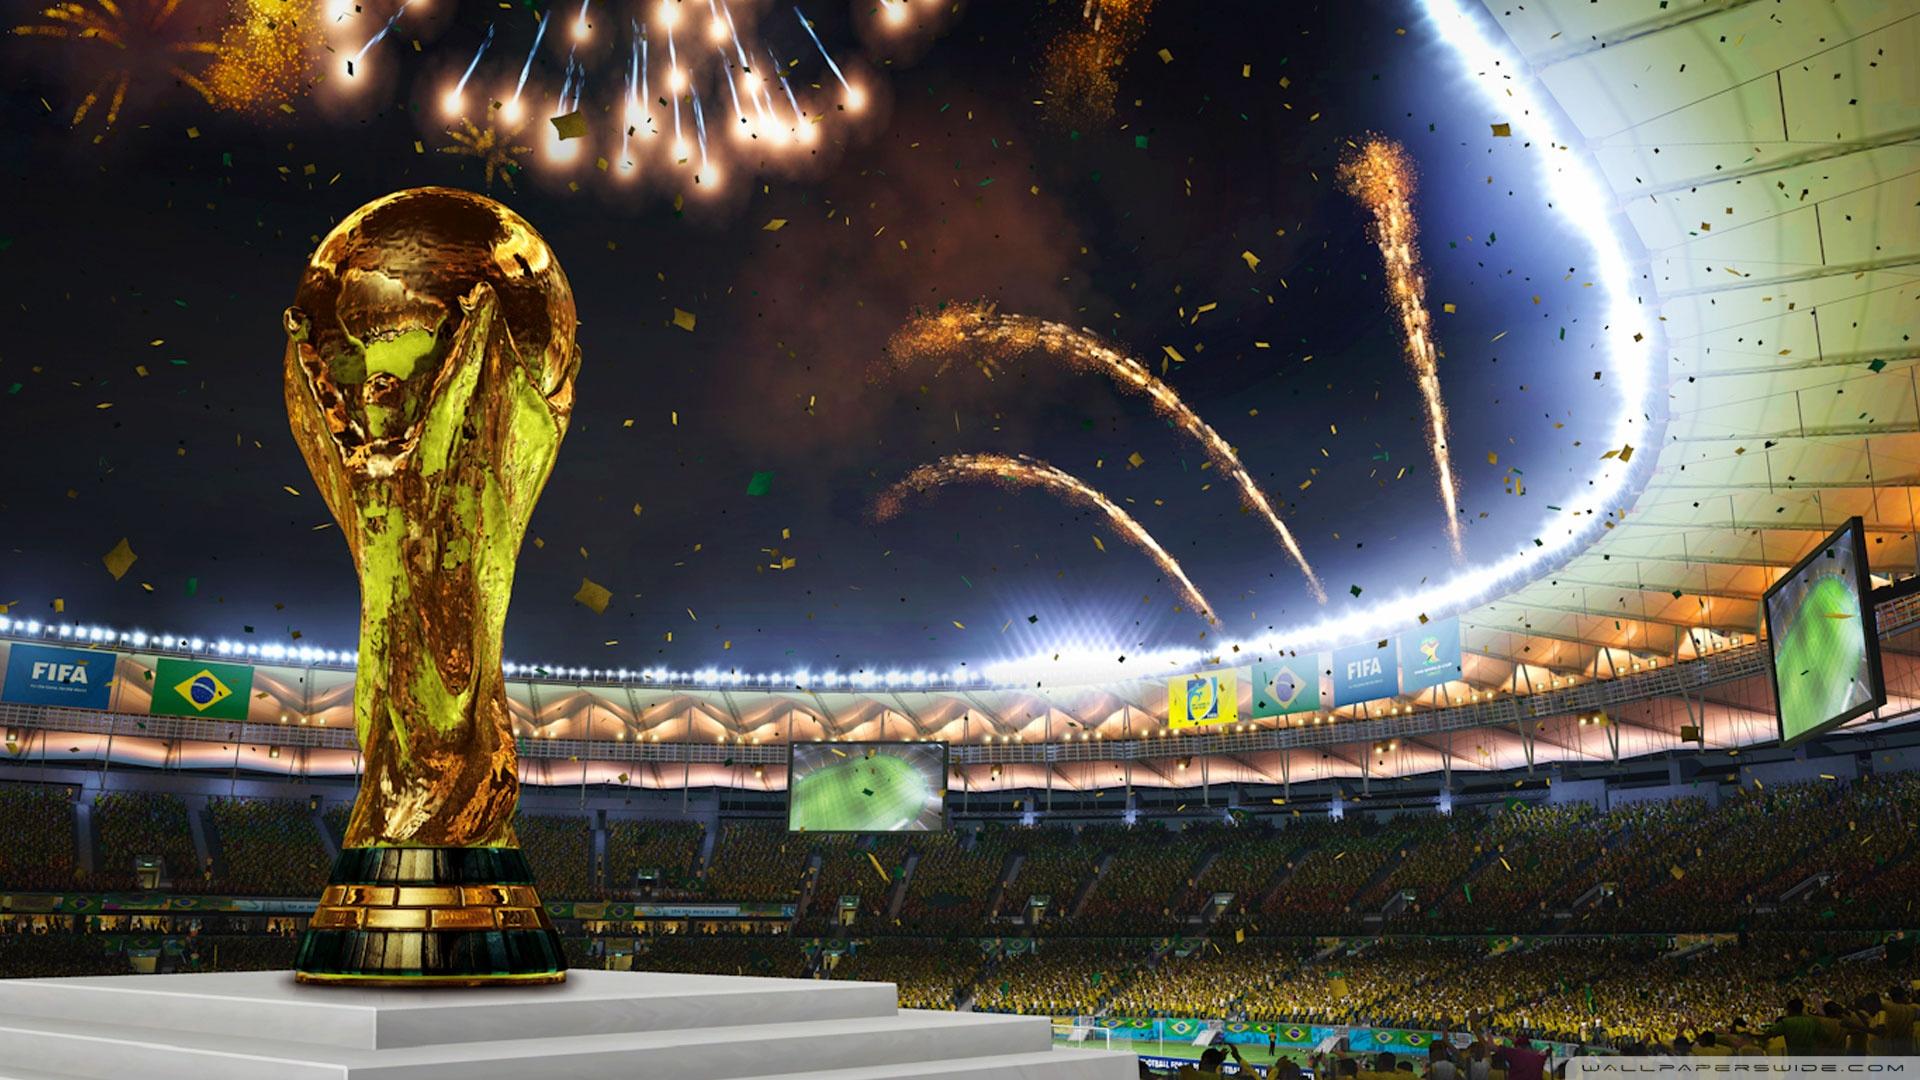 世界杯足球赛的由来,长见识了! - 体育 - 东方网